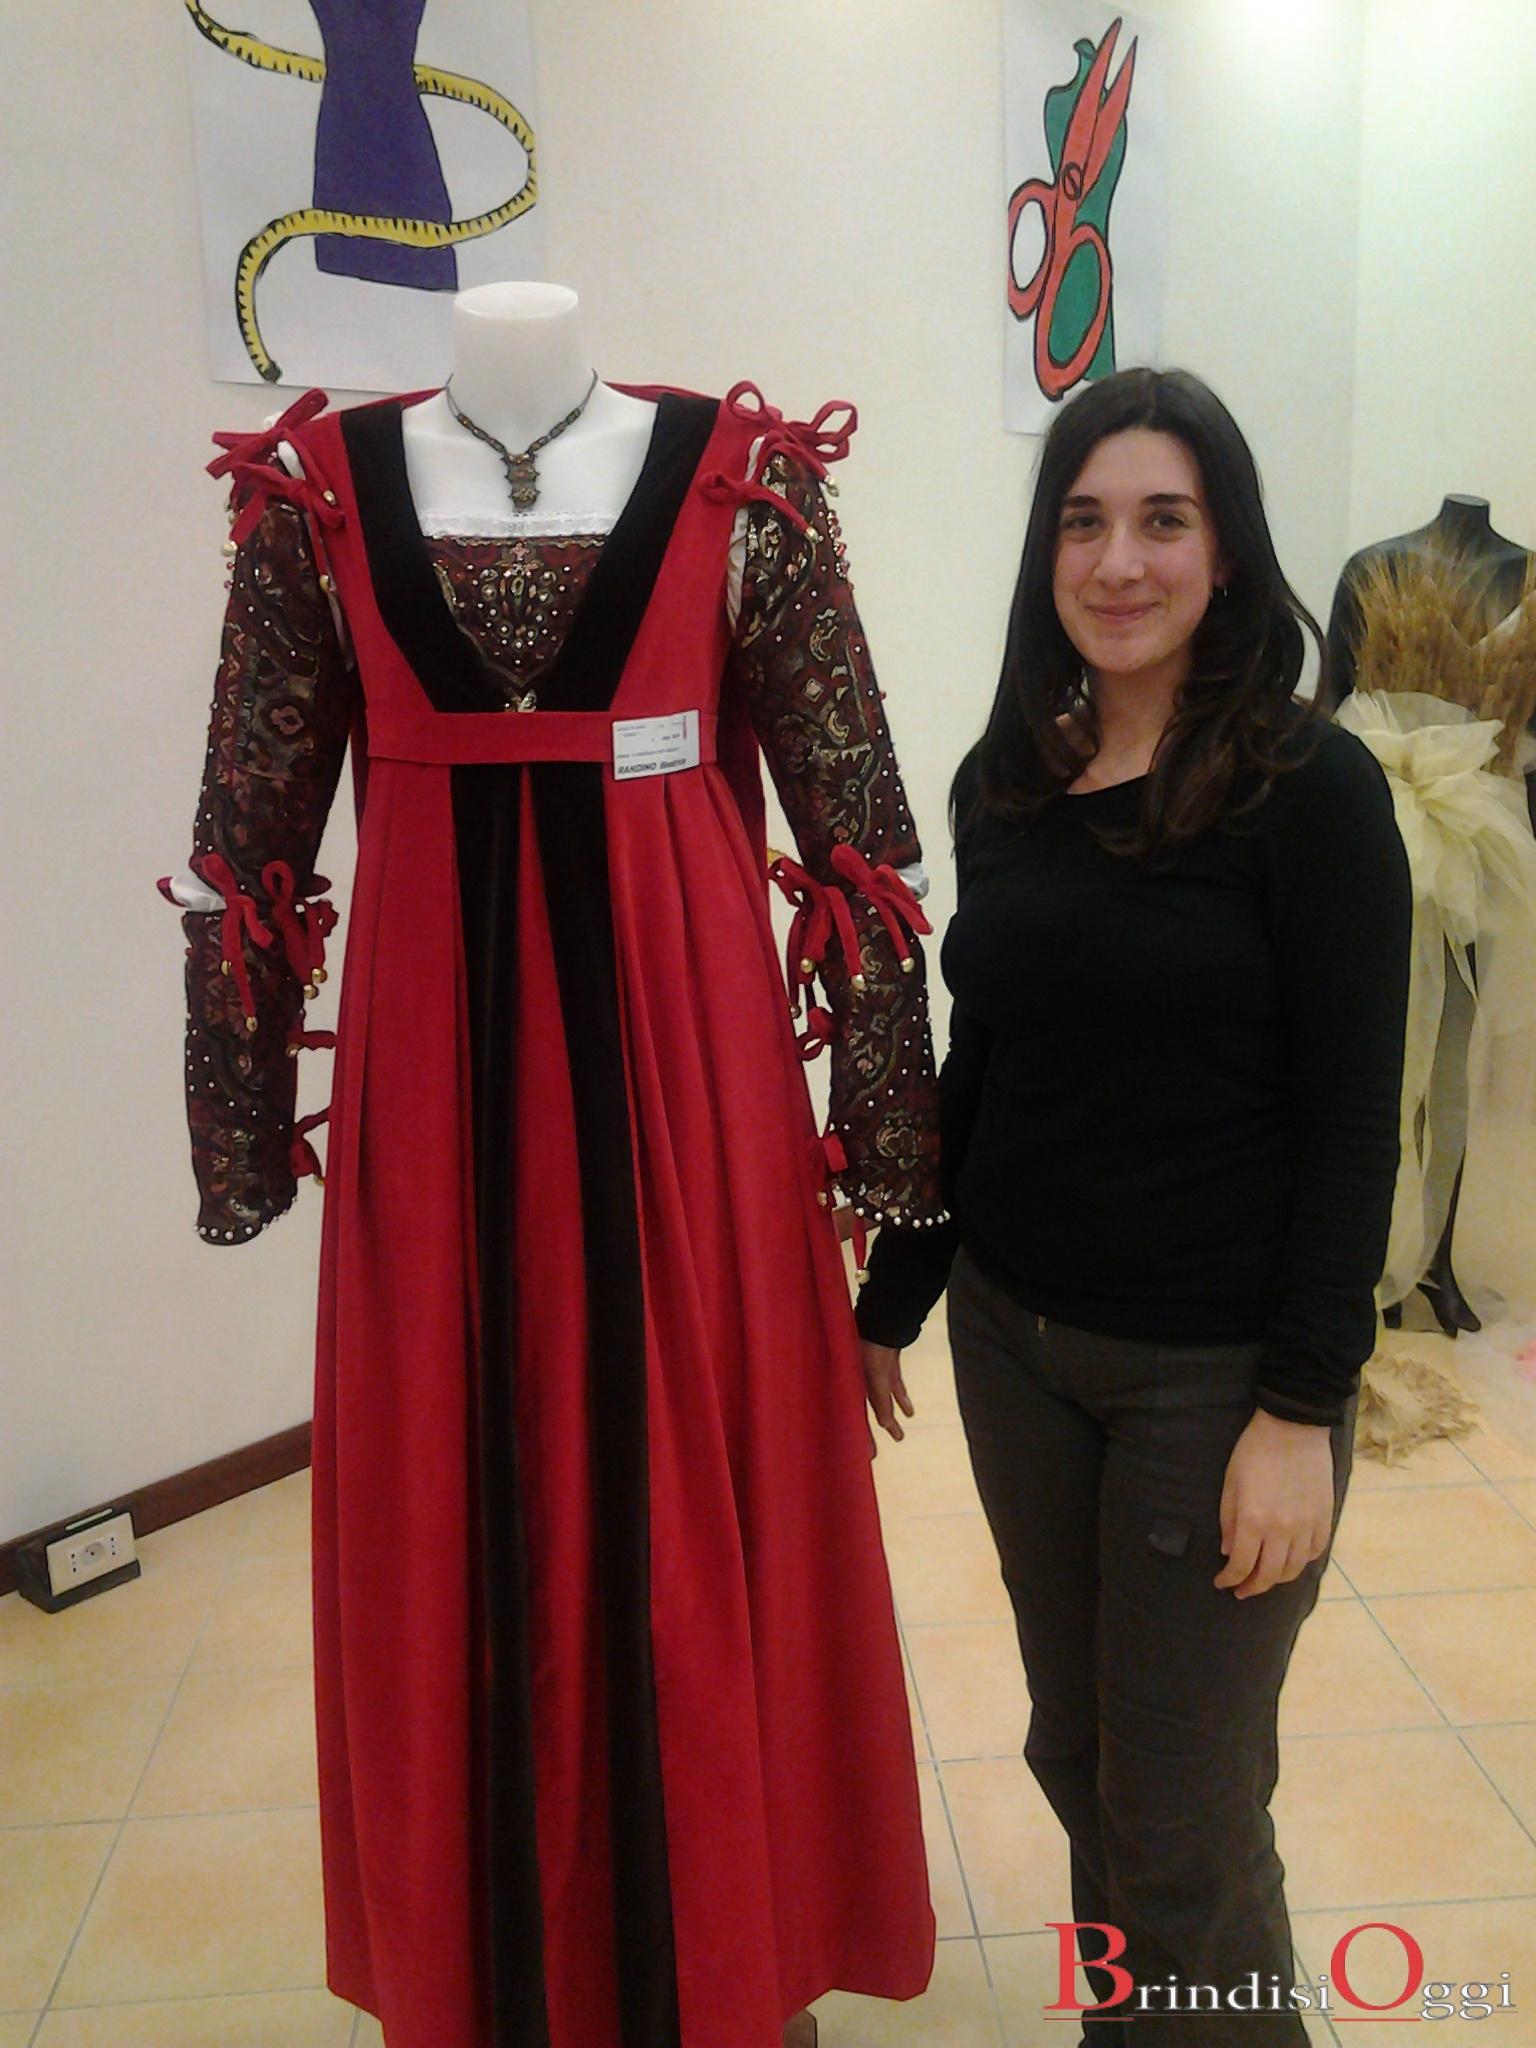 3143df8df4ac Abiti Cerimonia Auchan Giugliano ~ Scuola di moda burgo abiti in mostra  nella galleria